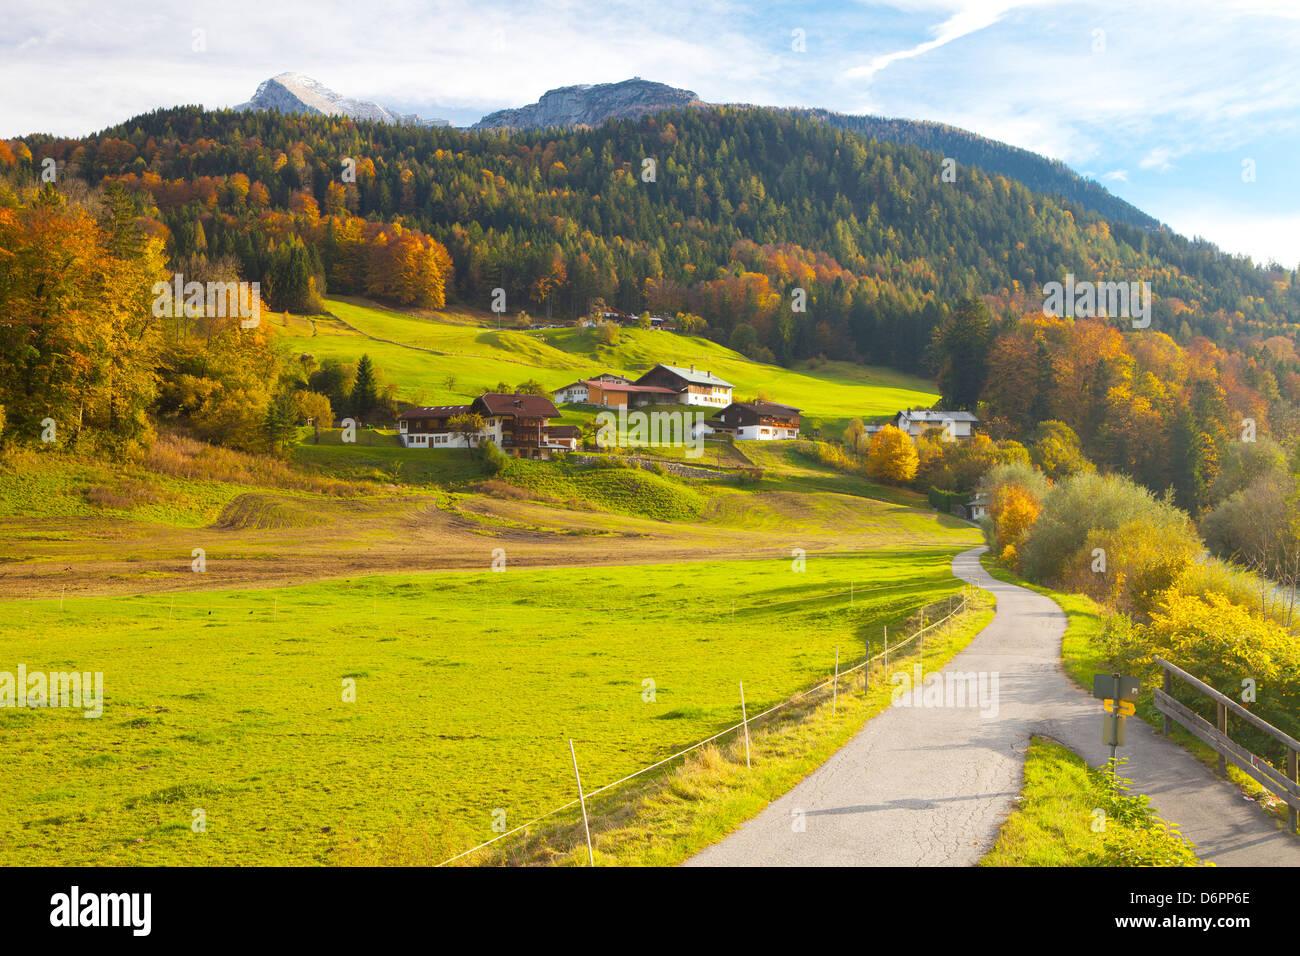 Radweg durch ländliche Berglandschaft im Herbst, in der Nähe von Berchtesgaden, Bayern, Deutschland, Europa Stockbild